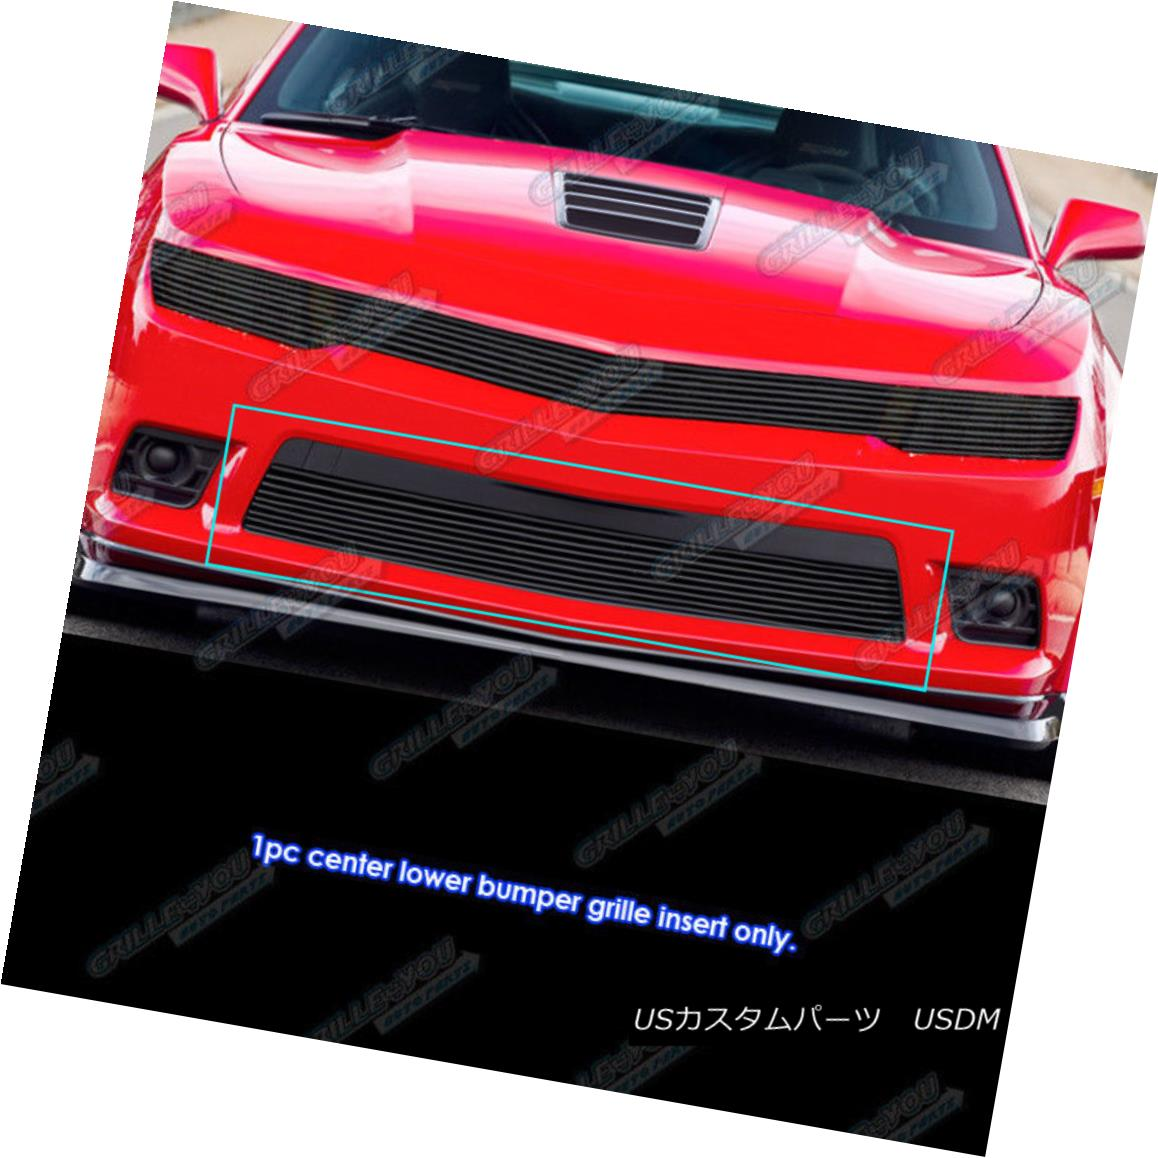 グリル For 2014-2015 Chevy Camaro LS/LT/LT With RS Package Black Bumper Billet Grille 2014-2015シボレー・カマロLSパッケージ/ LT / LT / LTパッケージブラック・バンパー・ビレット・グリル